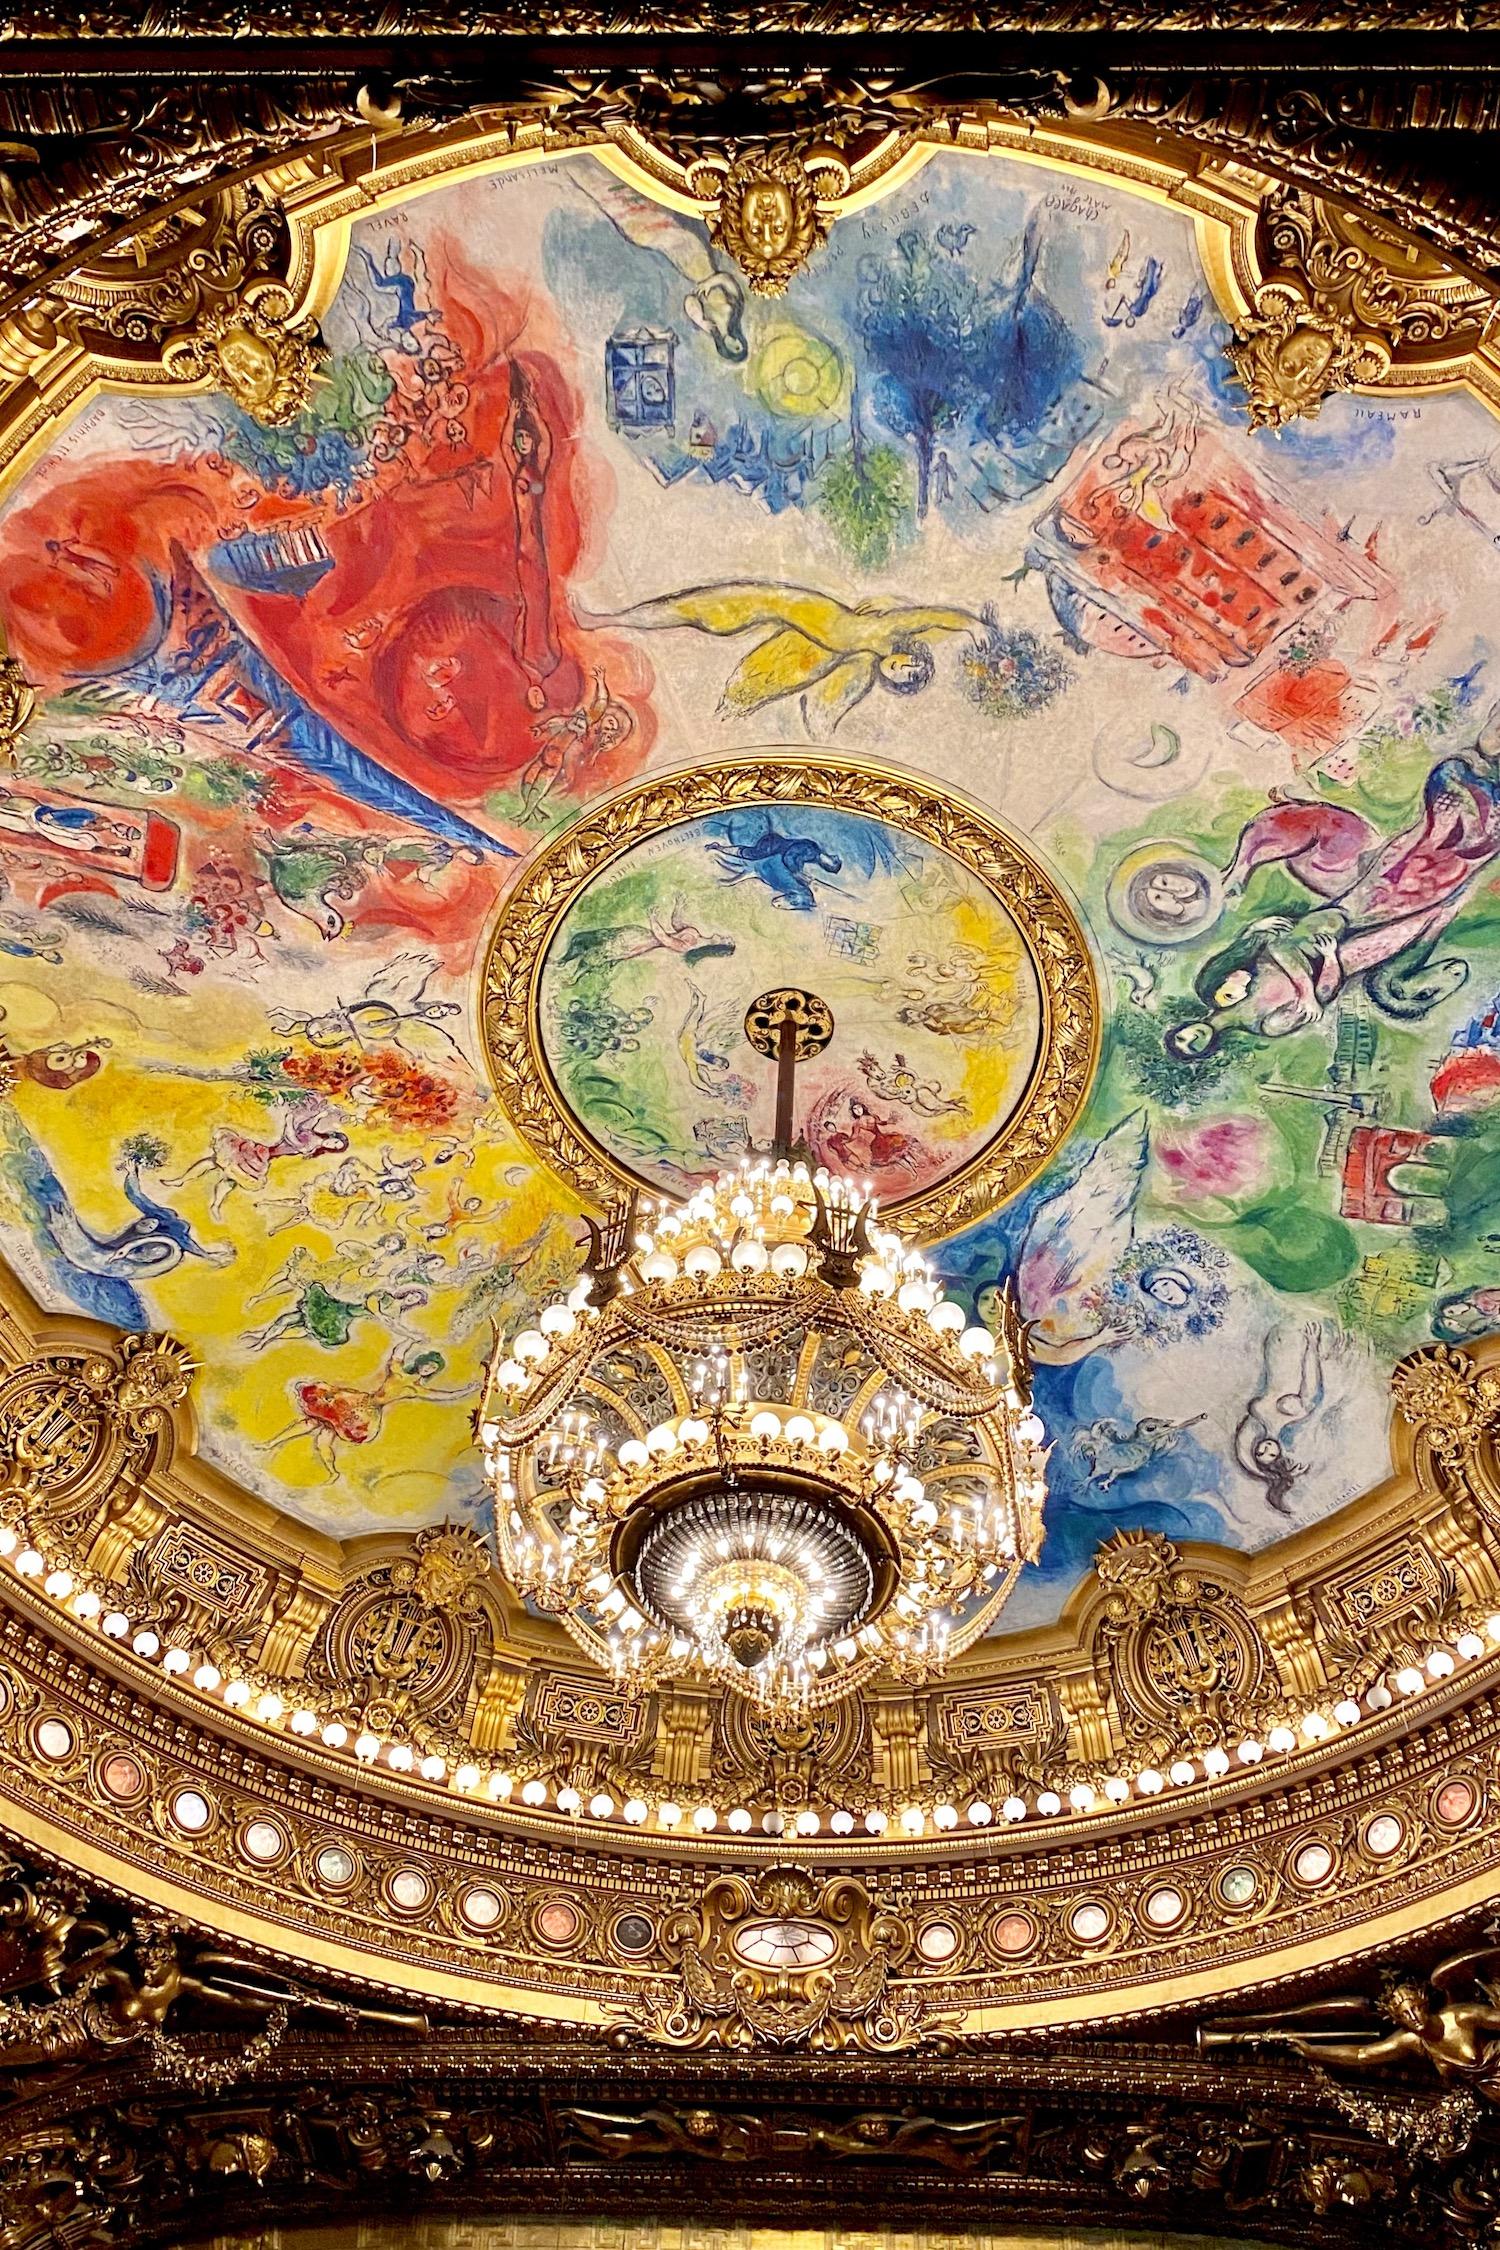 A Walk Through Palais Garnier Chagall ceiling